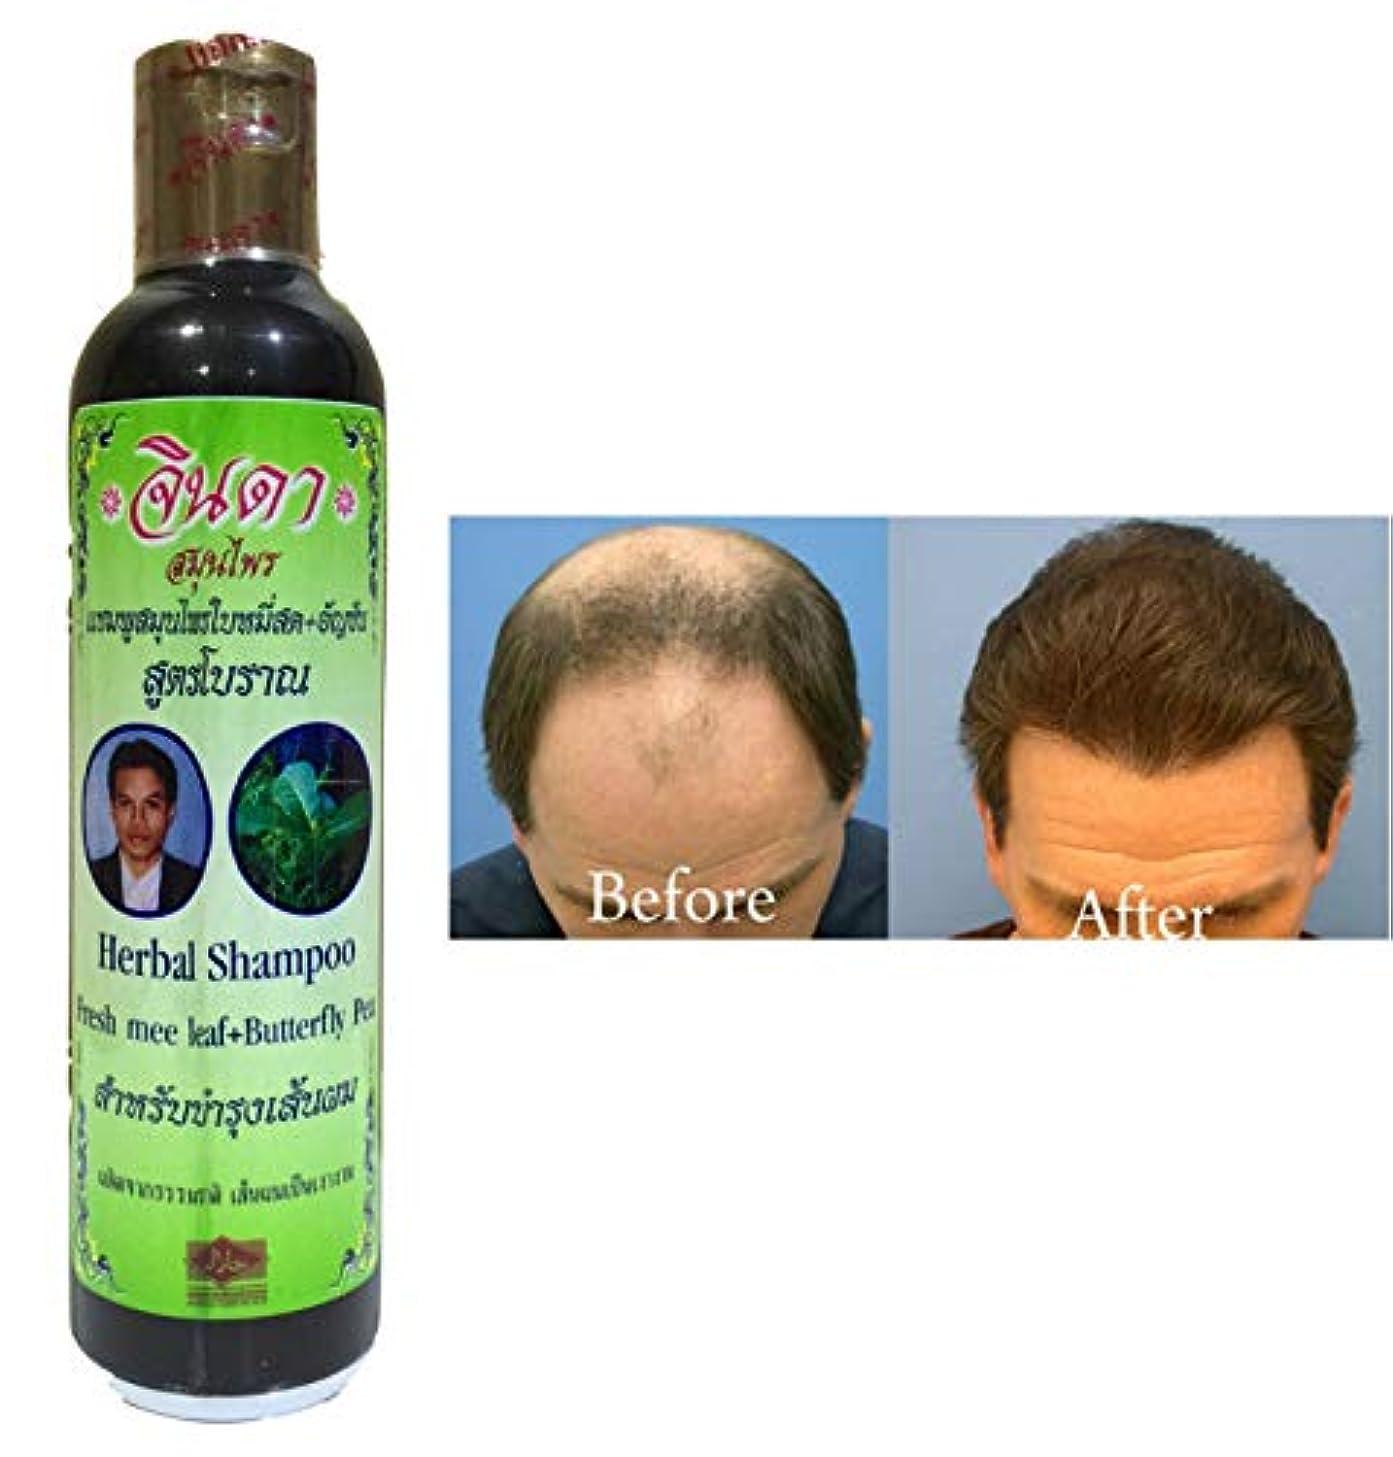 代理人素朴なバングラデシュNEW CHOICE: Jinda Herbal shampoo anti hair fall for men 250 ml.(fresh mee leaf+butterfly pea) Good products in...